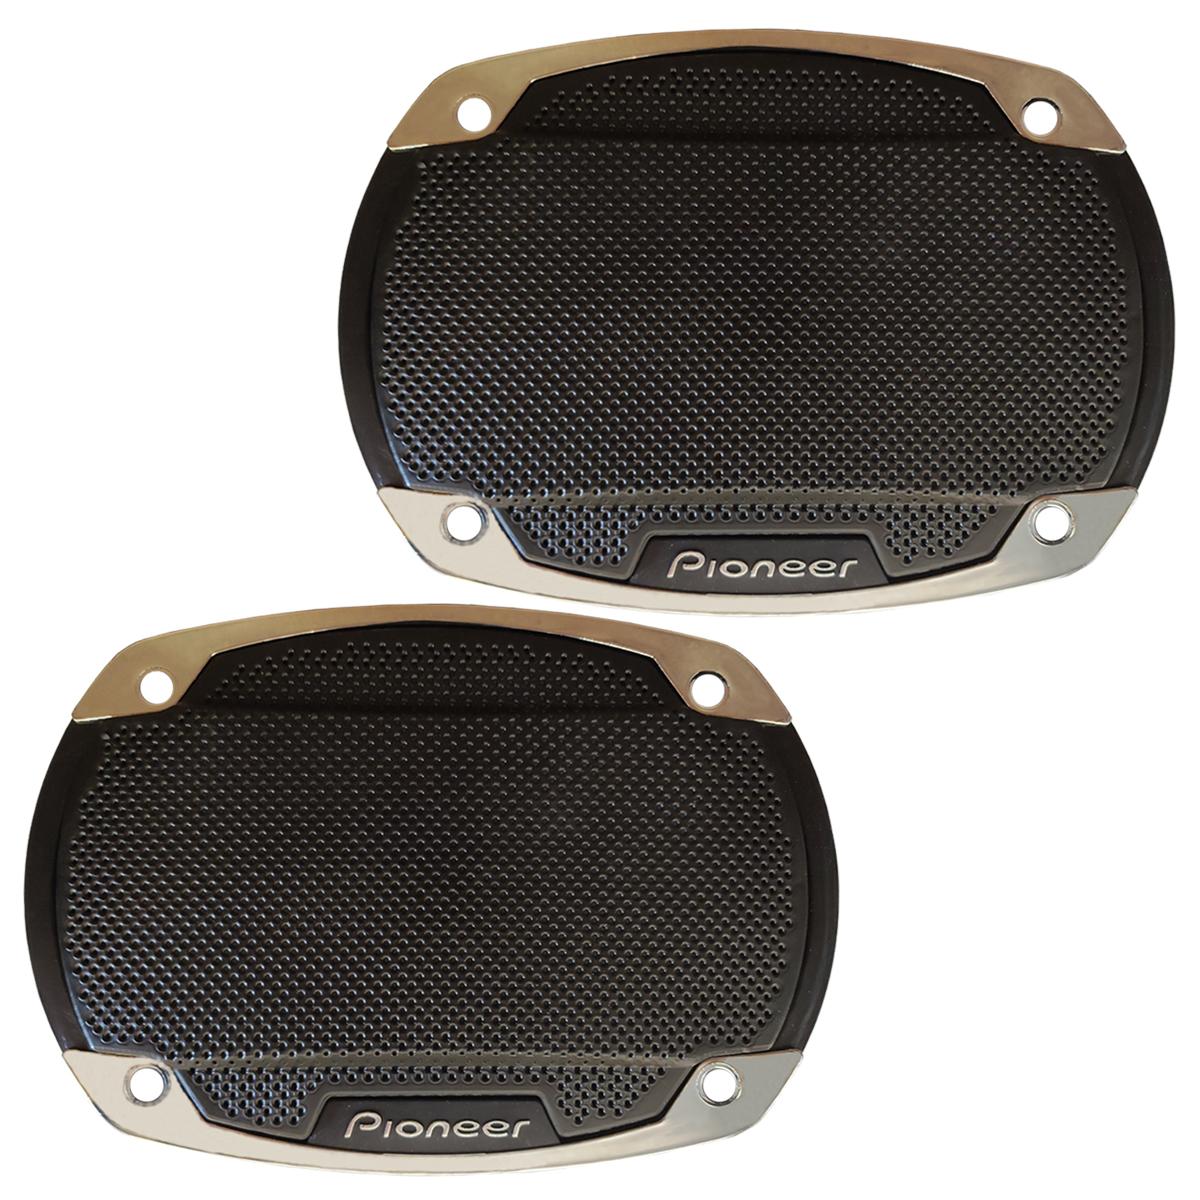 قاب اسپیکر خودرو پایونیر مدل 6975 مناسب سایز 6x9 اینچ بسته دو عددی main 1 2